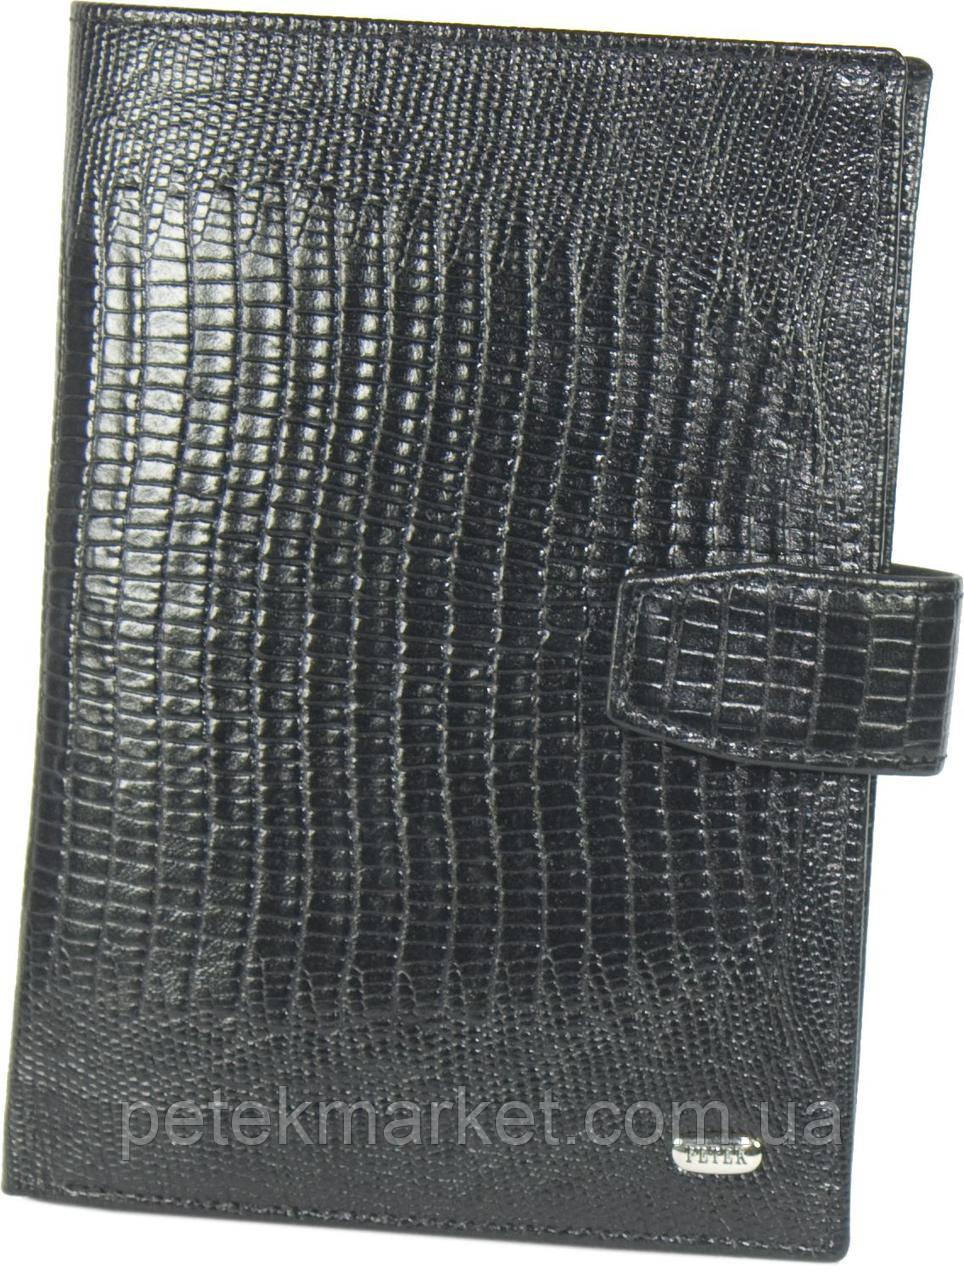 Кожаное мужское портмоне Petek 368